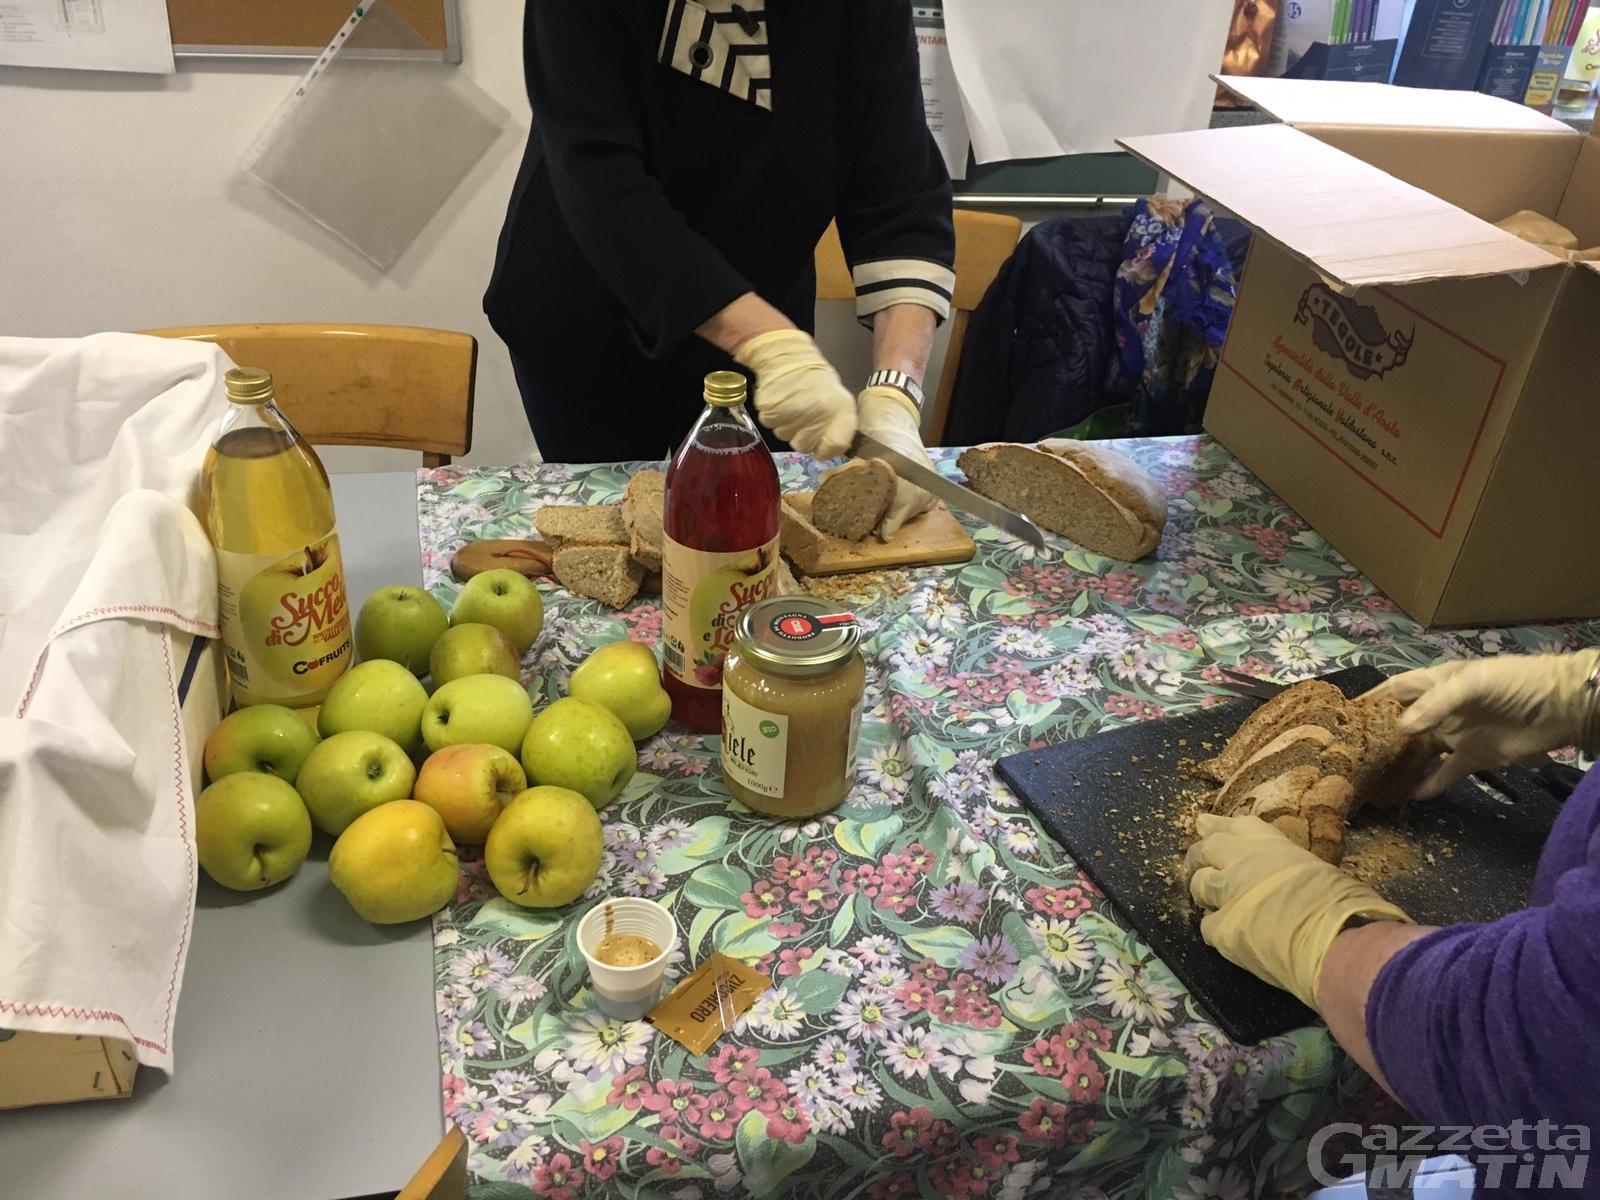 Scuola: ciao merendine, arriva la frutta a km zero